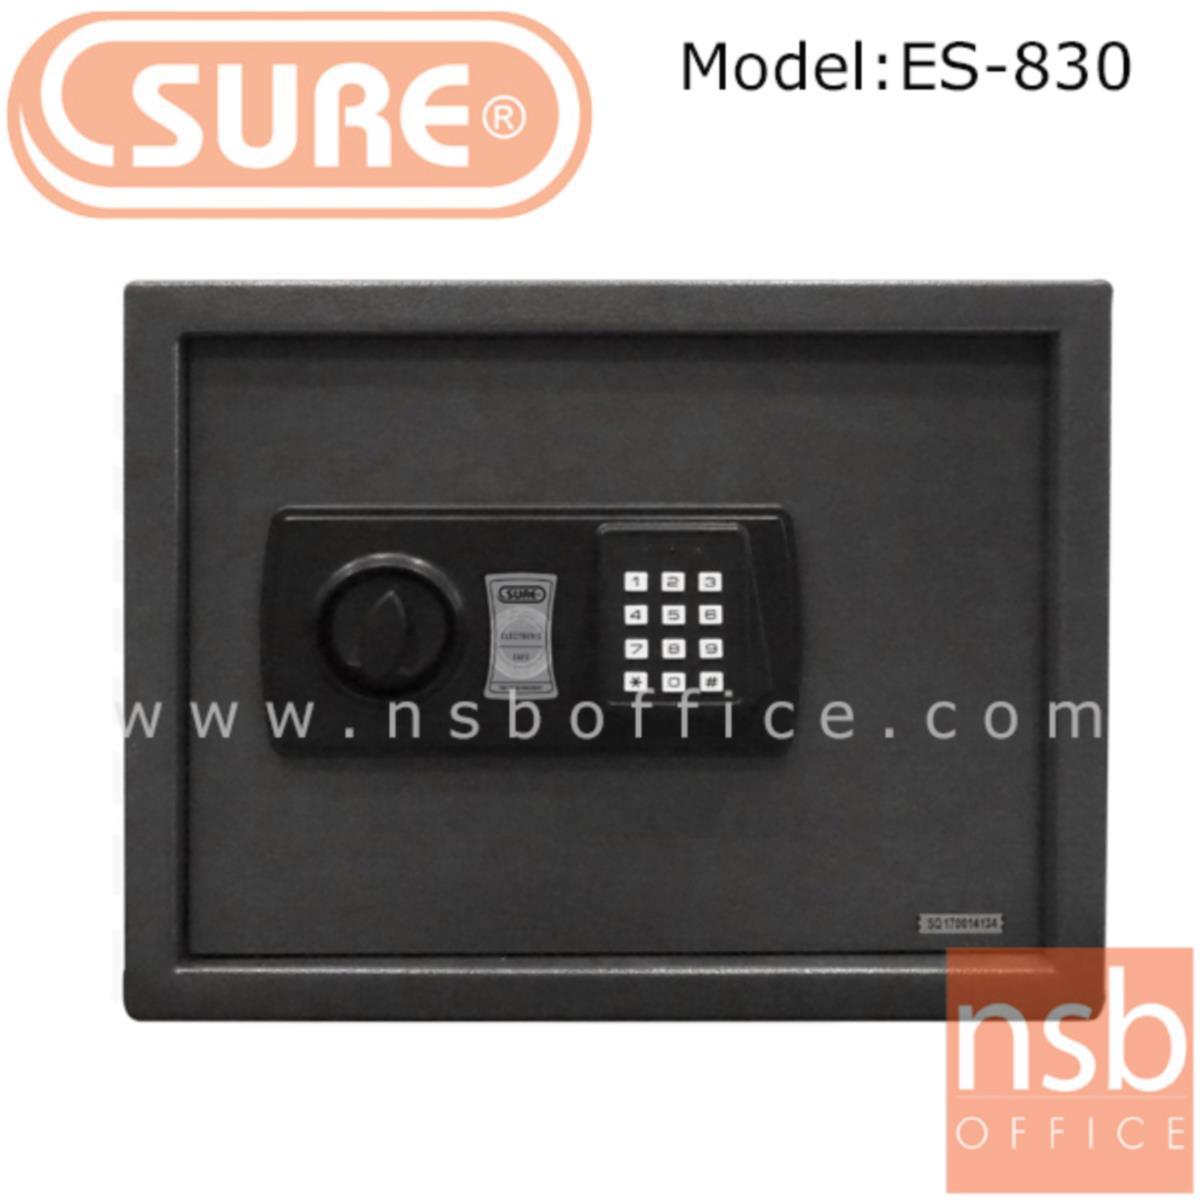 ตู้เซฟดิจตอล SR-ES830 น้ำหนัก 11 กก. (1 รหัสกด / ปุ่มหมุนบิด)